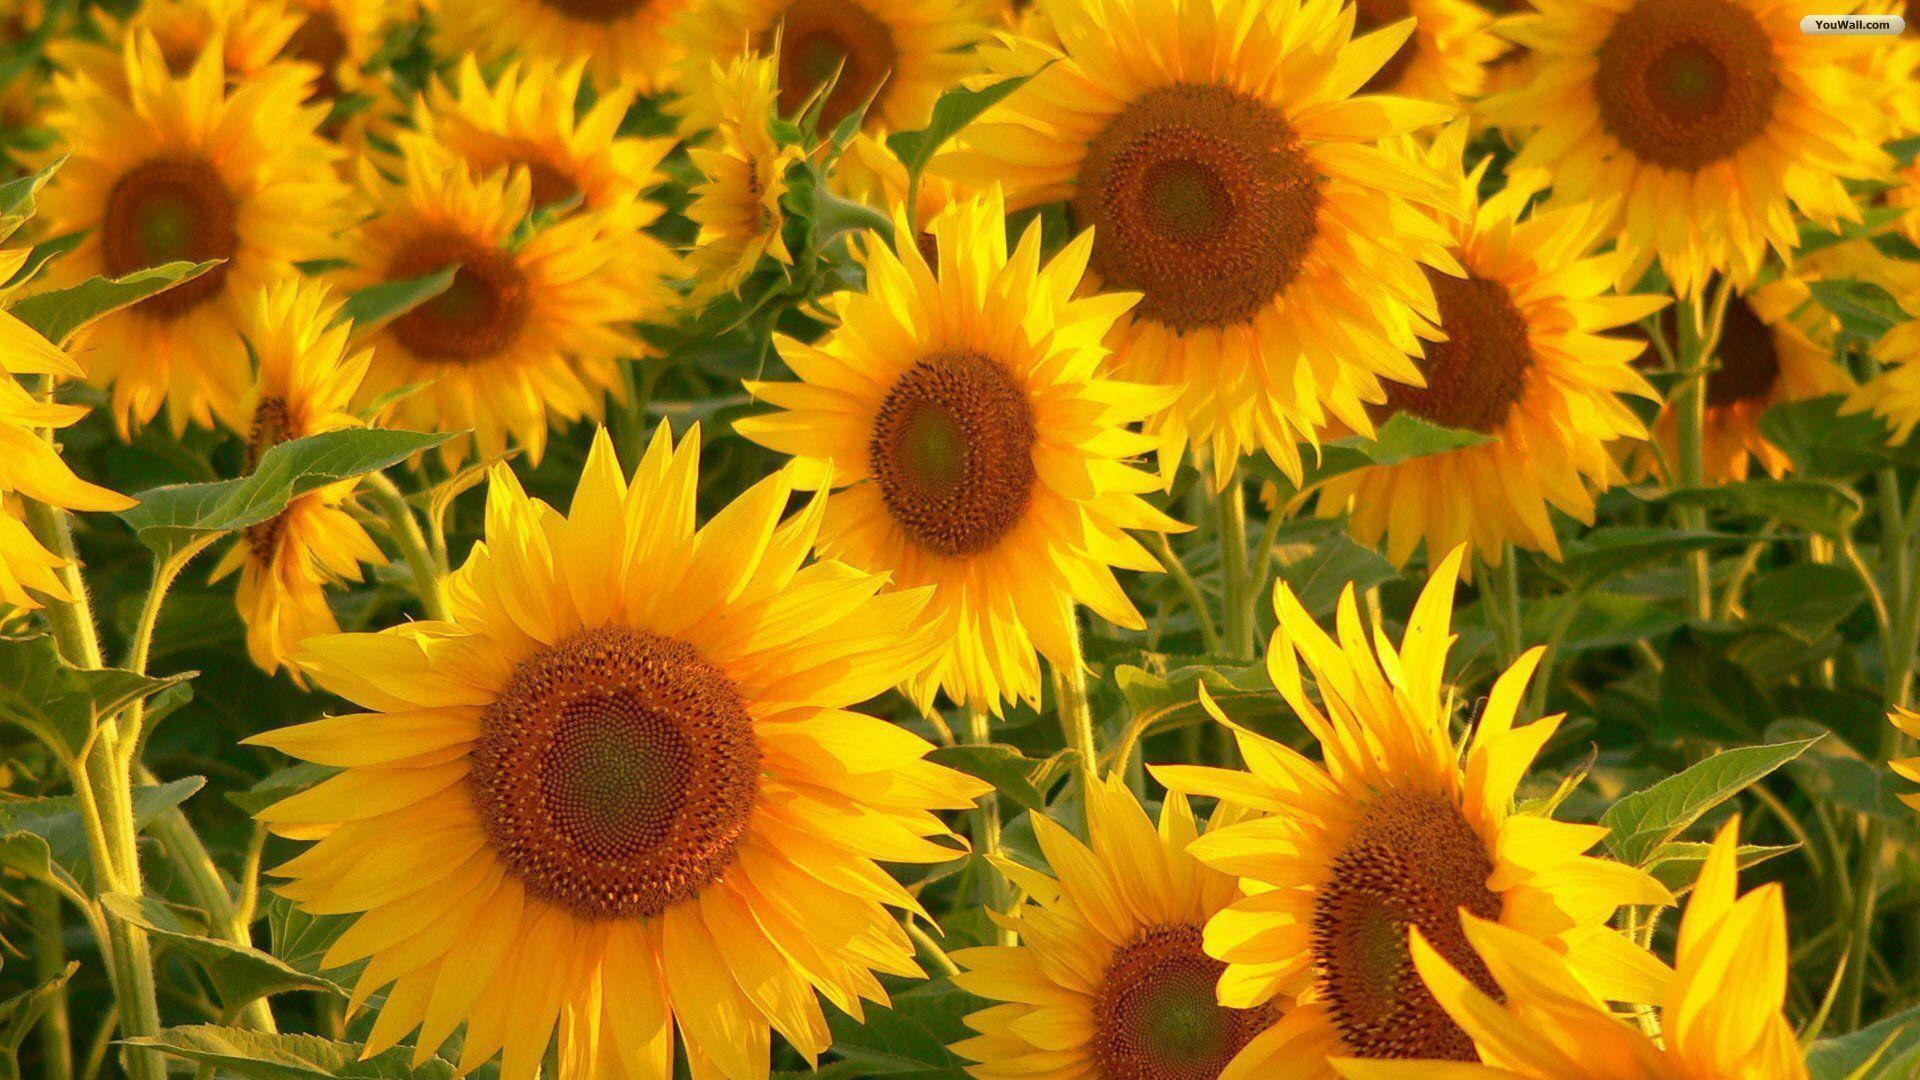 Flowers For > 3d Sunflower Wallpapers For Desktop